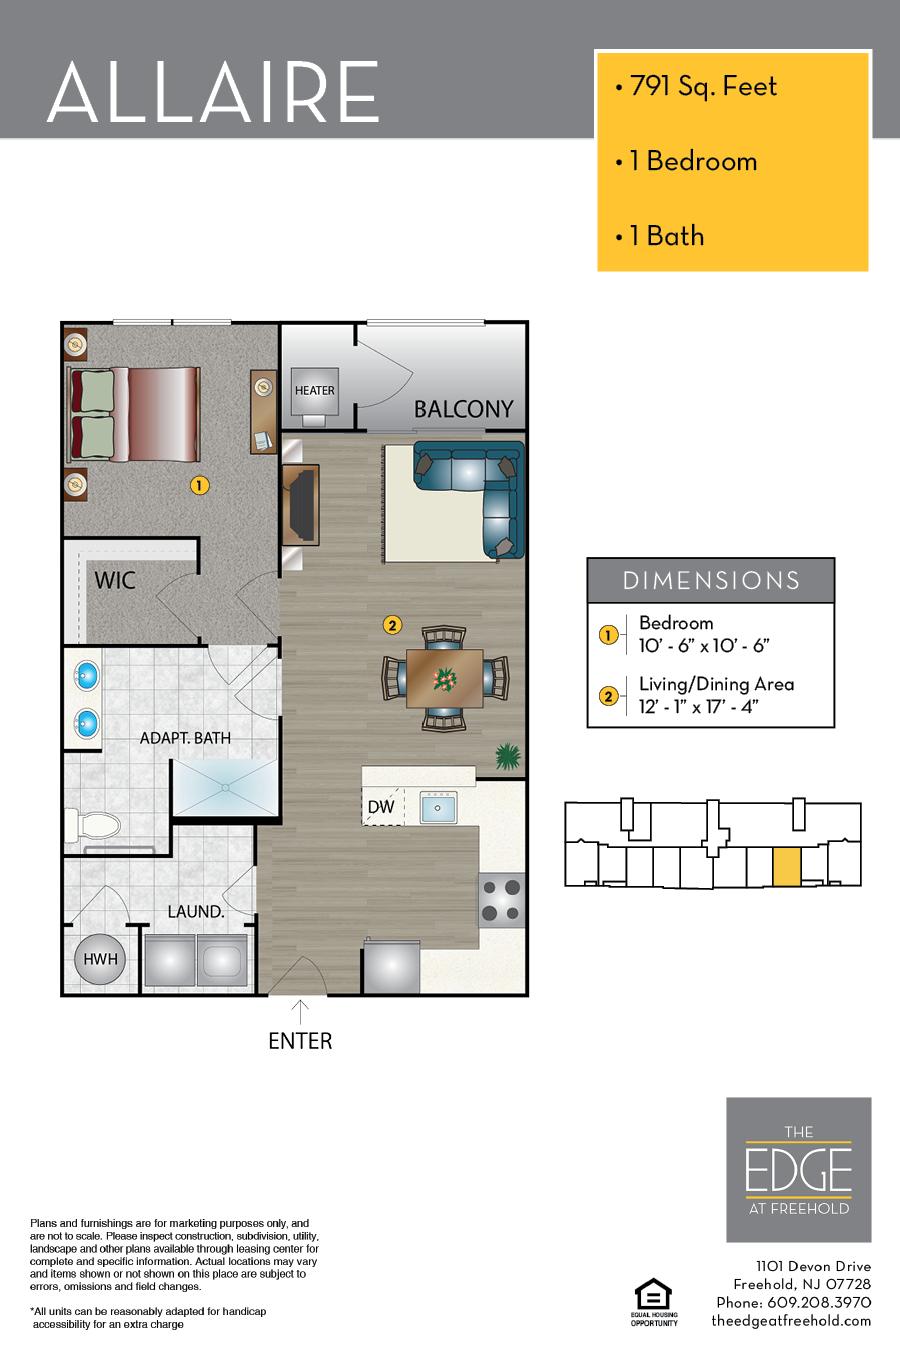 Allaire Floor Plan